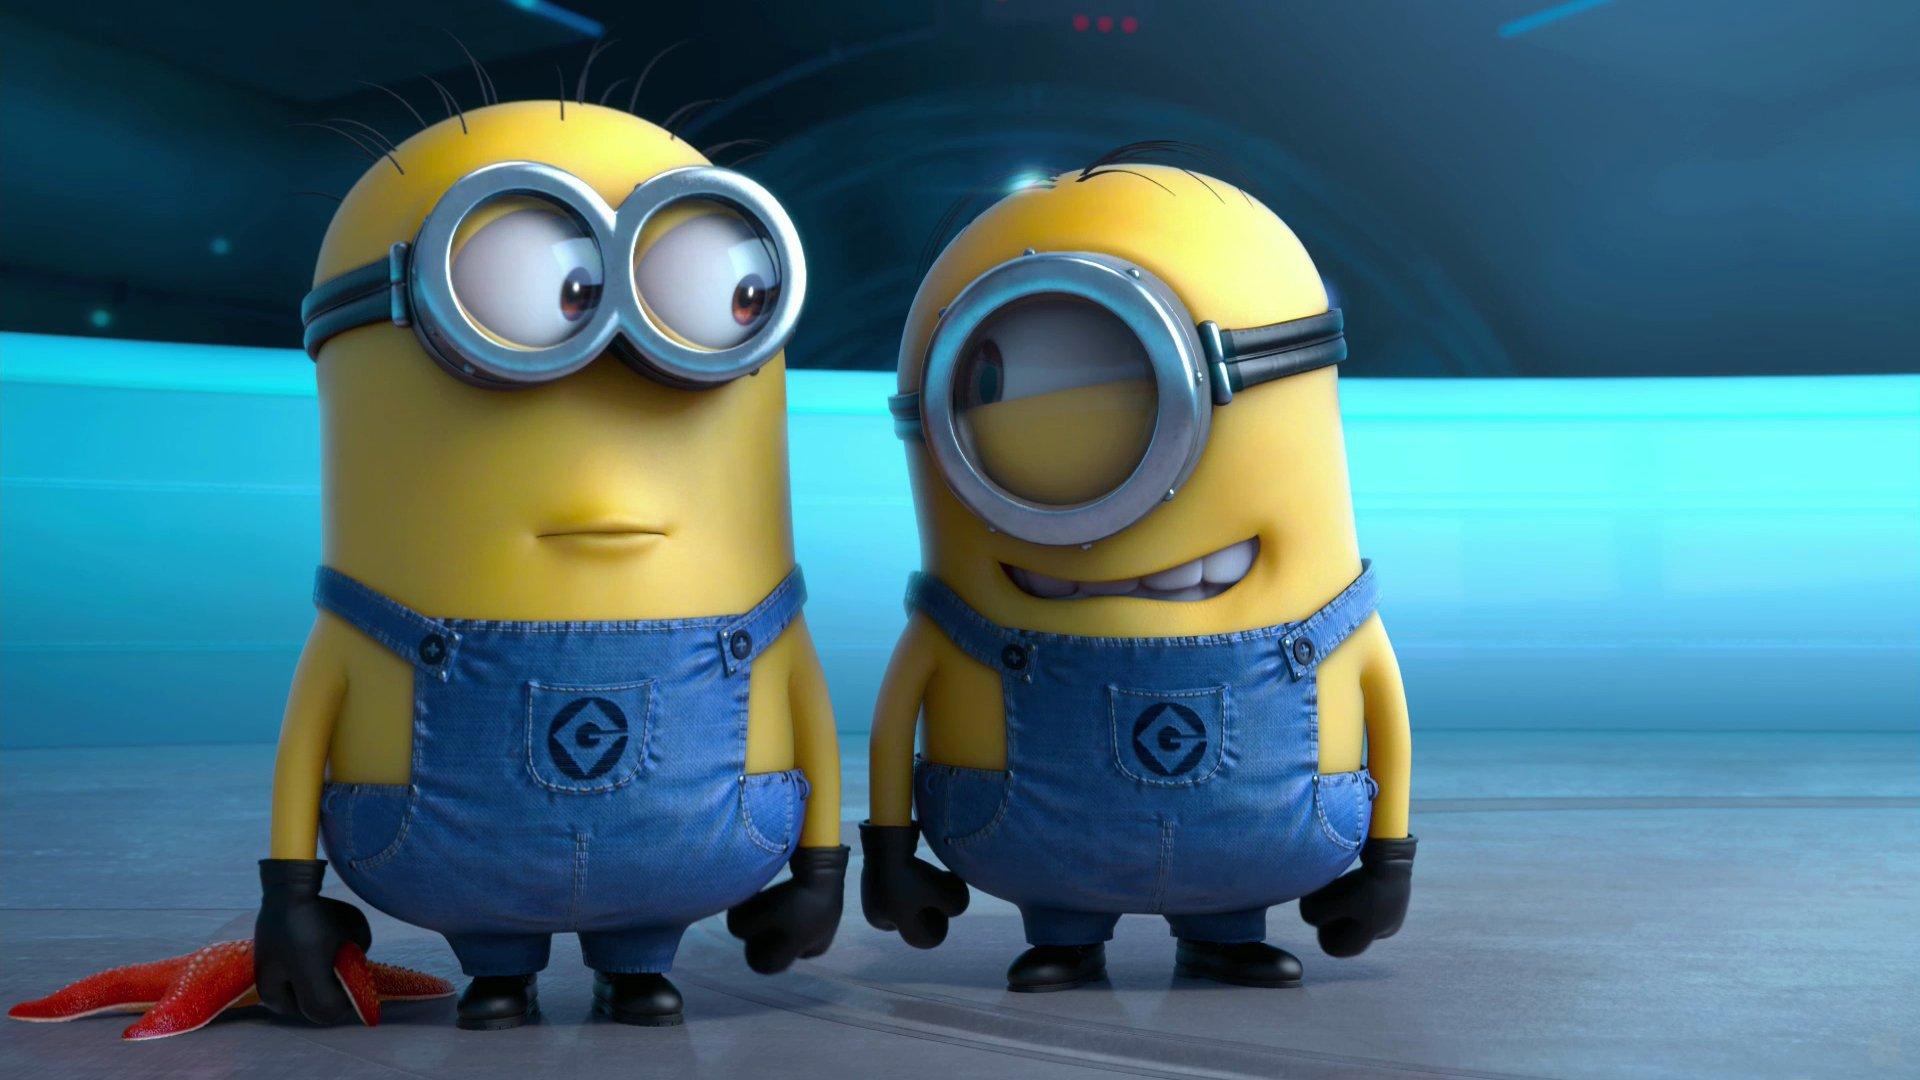 animation 3D - bộ phim hoạt hình nổi tiếng thế giới mà mọi người đều biết